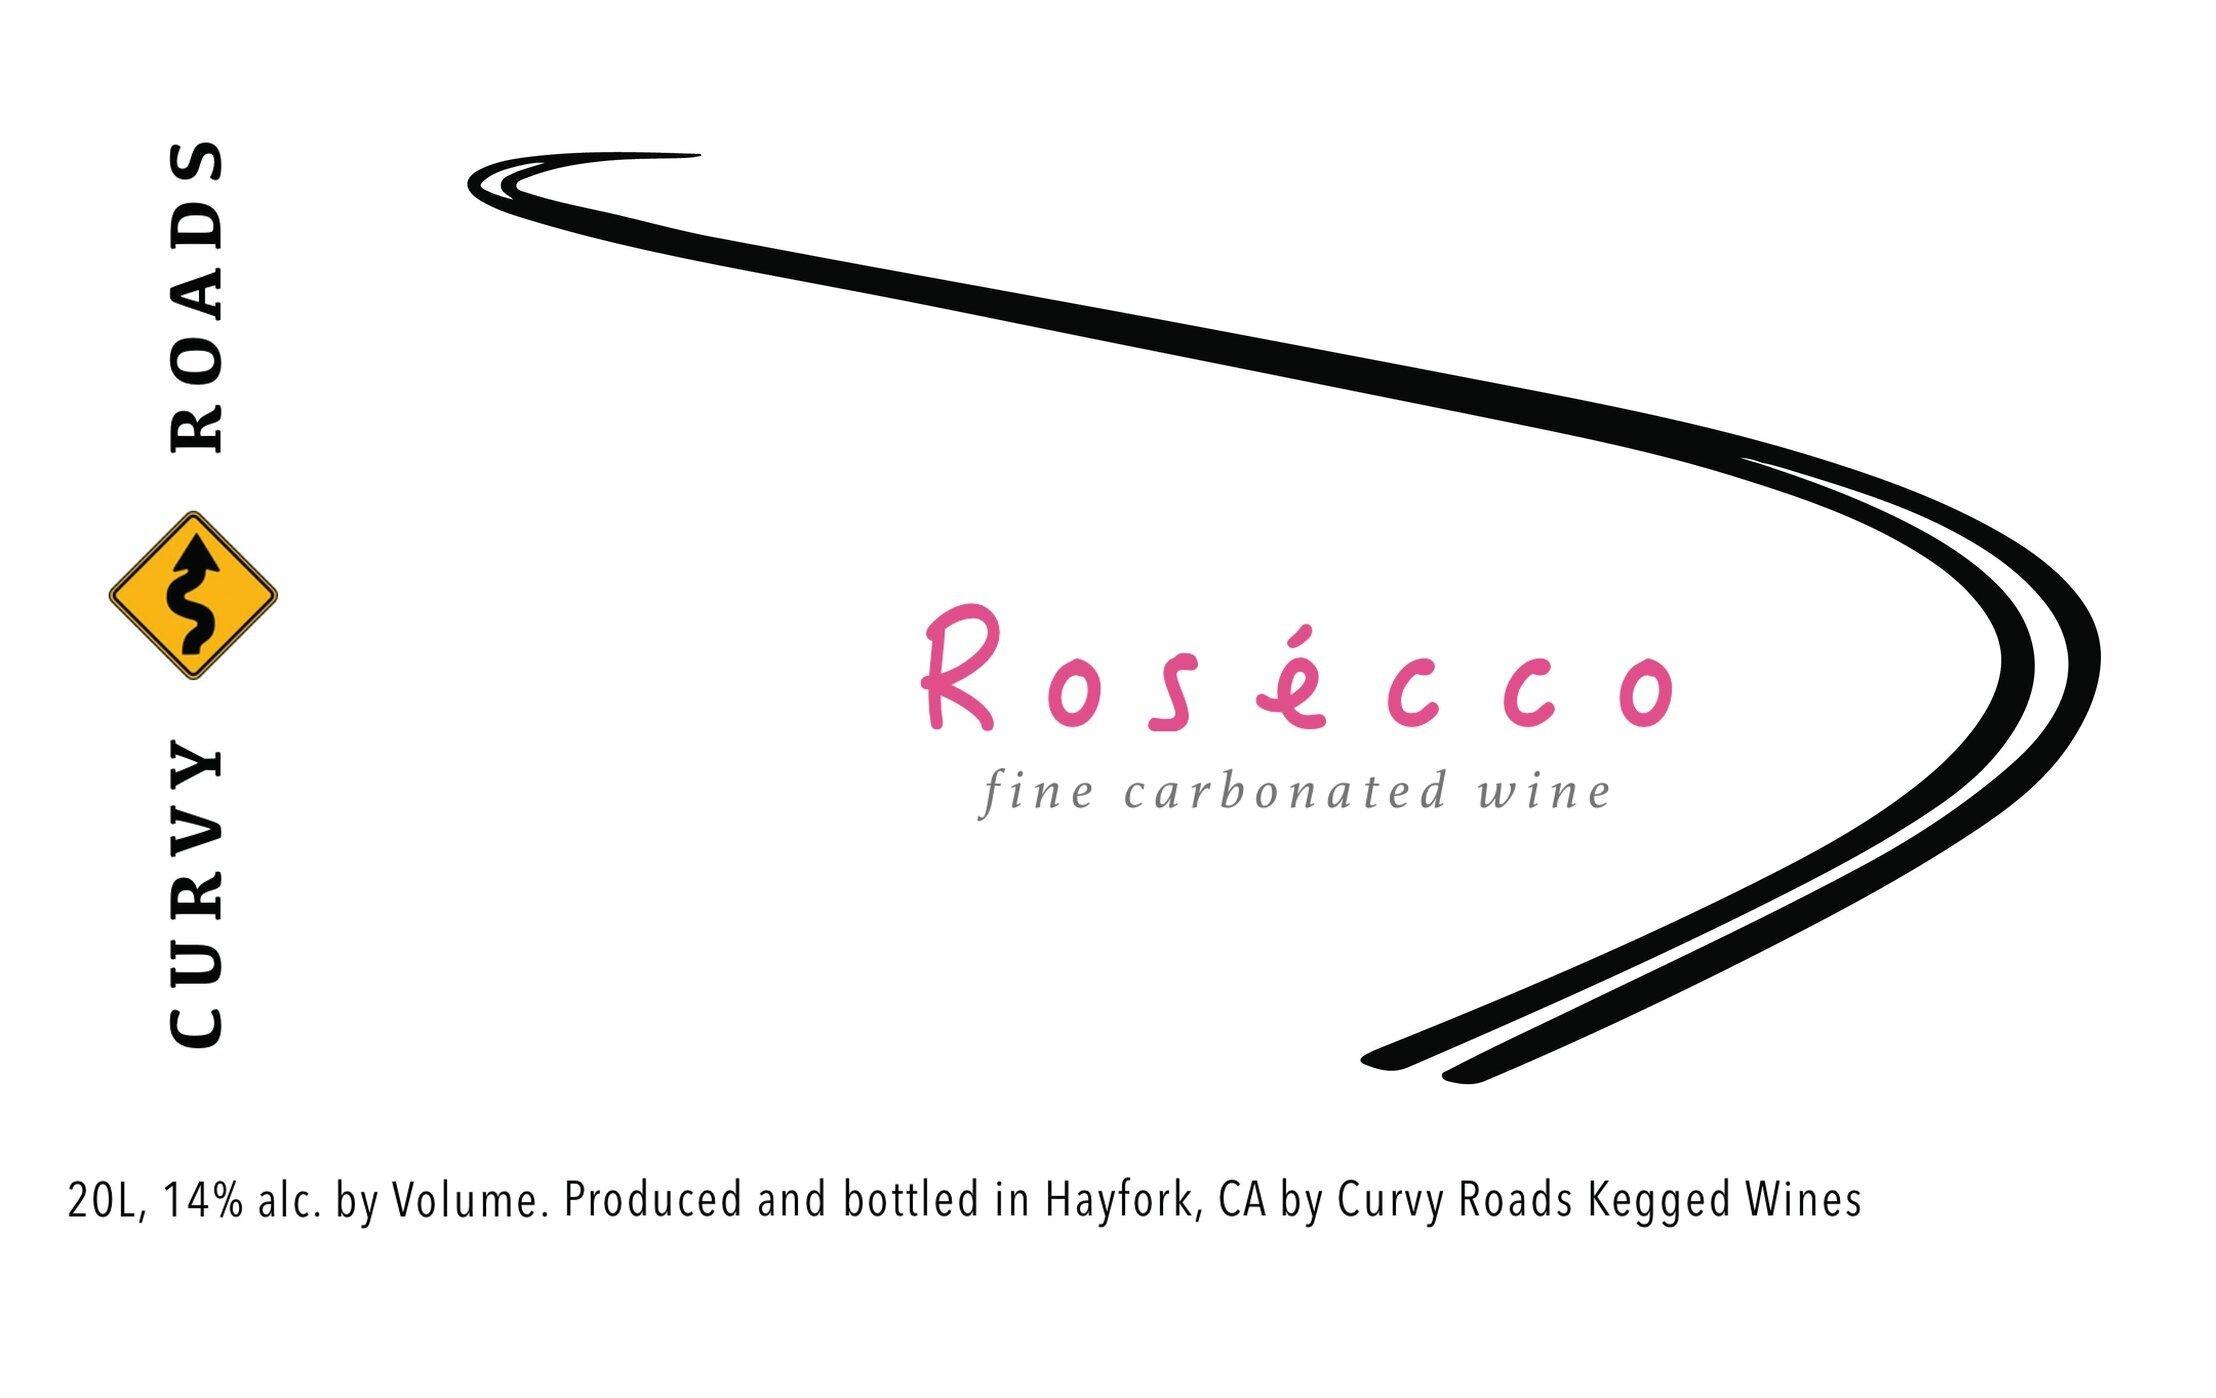 RoseccoKeg-nogovt.jpg